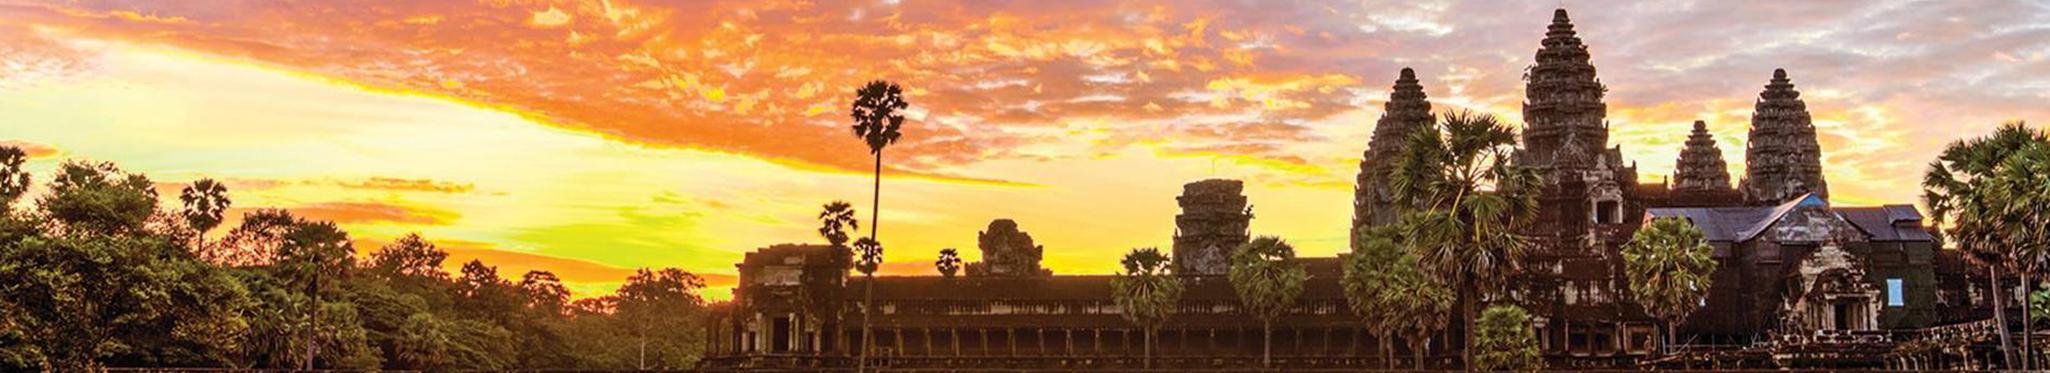 Храмы Ангкора и красные дюны Фантхиета: <br> Хошимин, Сием Реап, Ангкор, Фантхиет, Хошимин